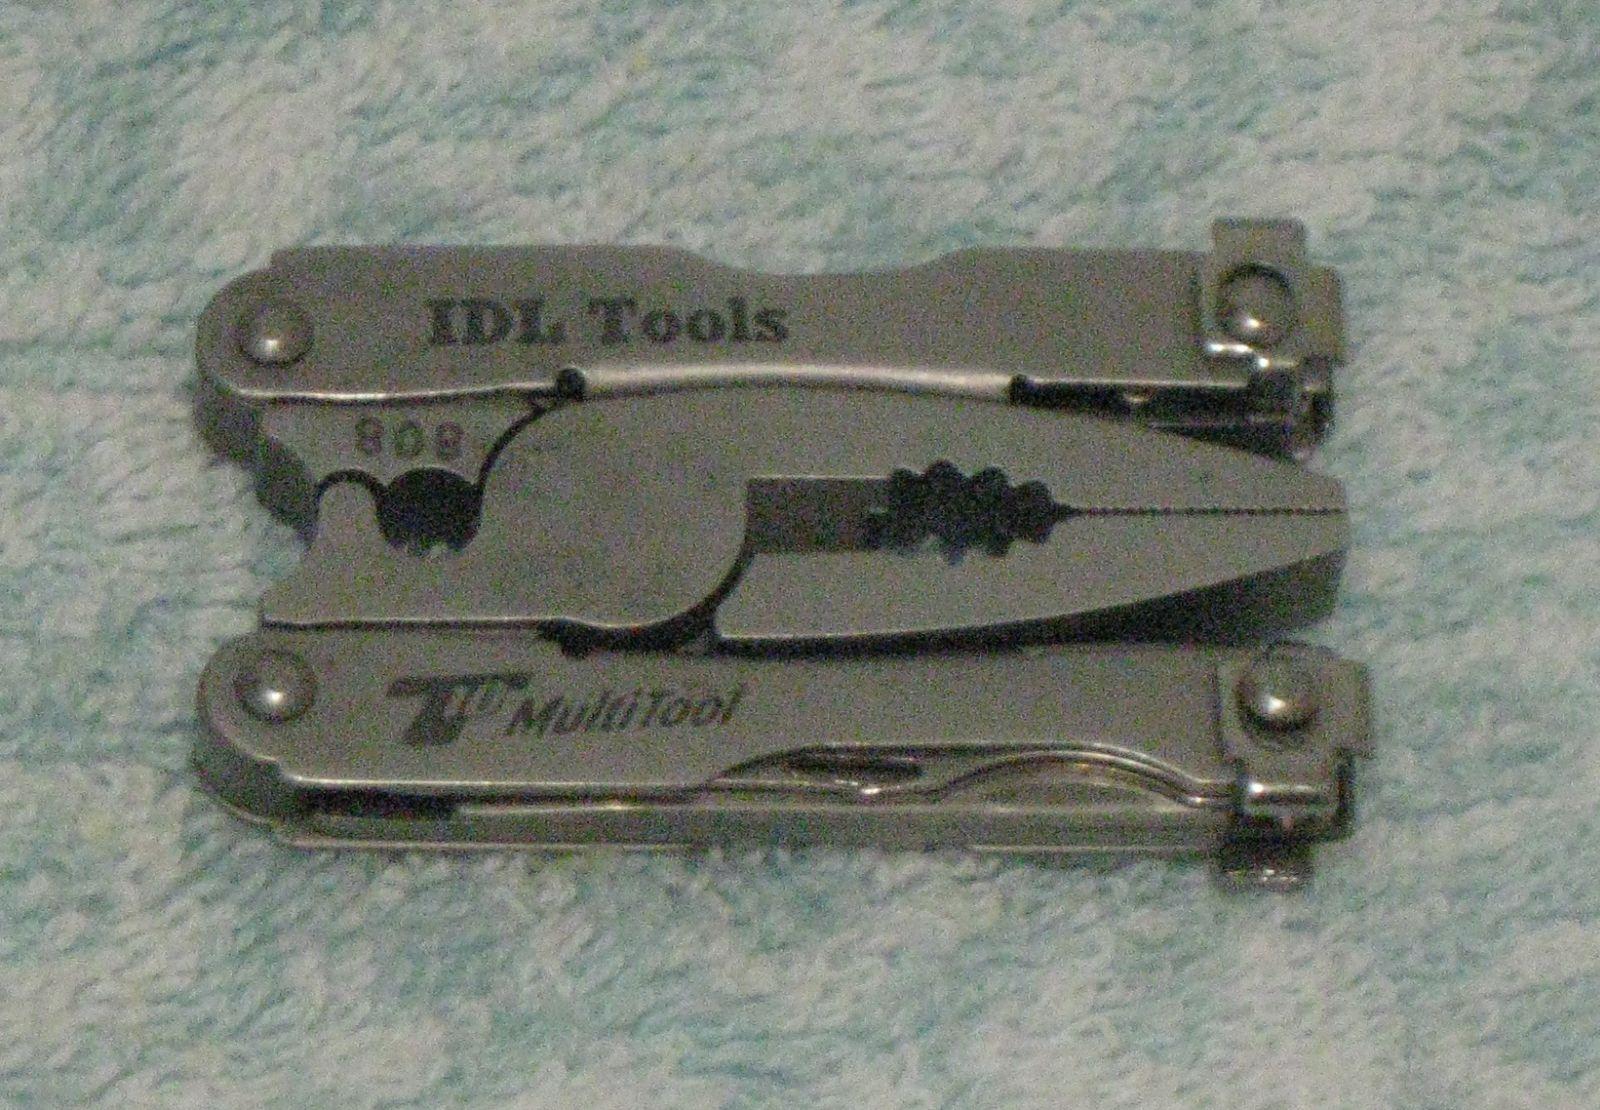 idl_tools_t10a